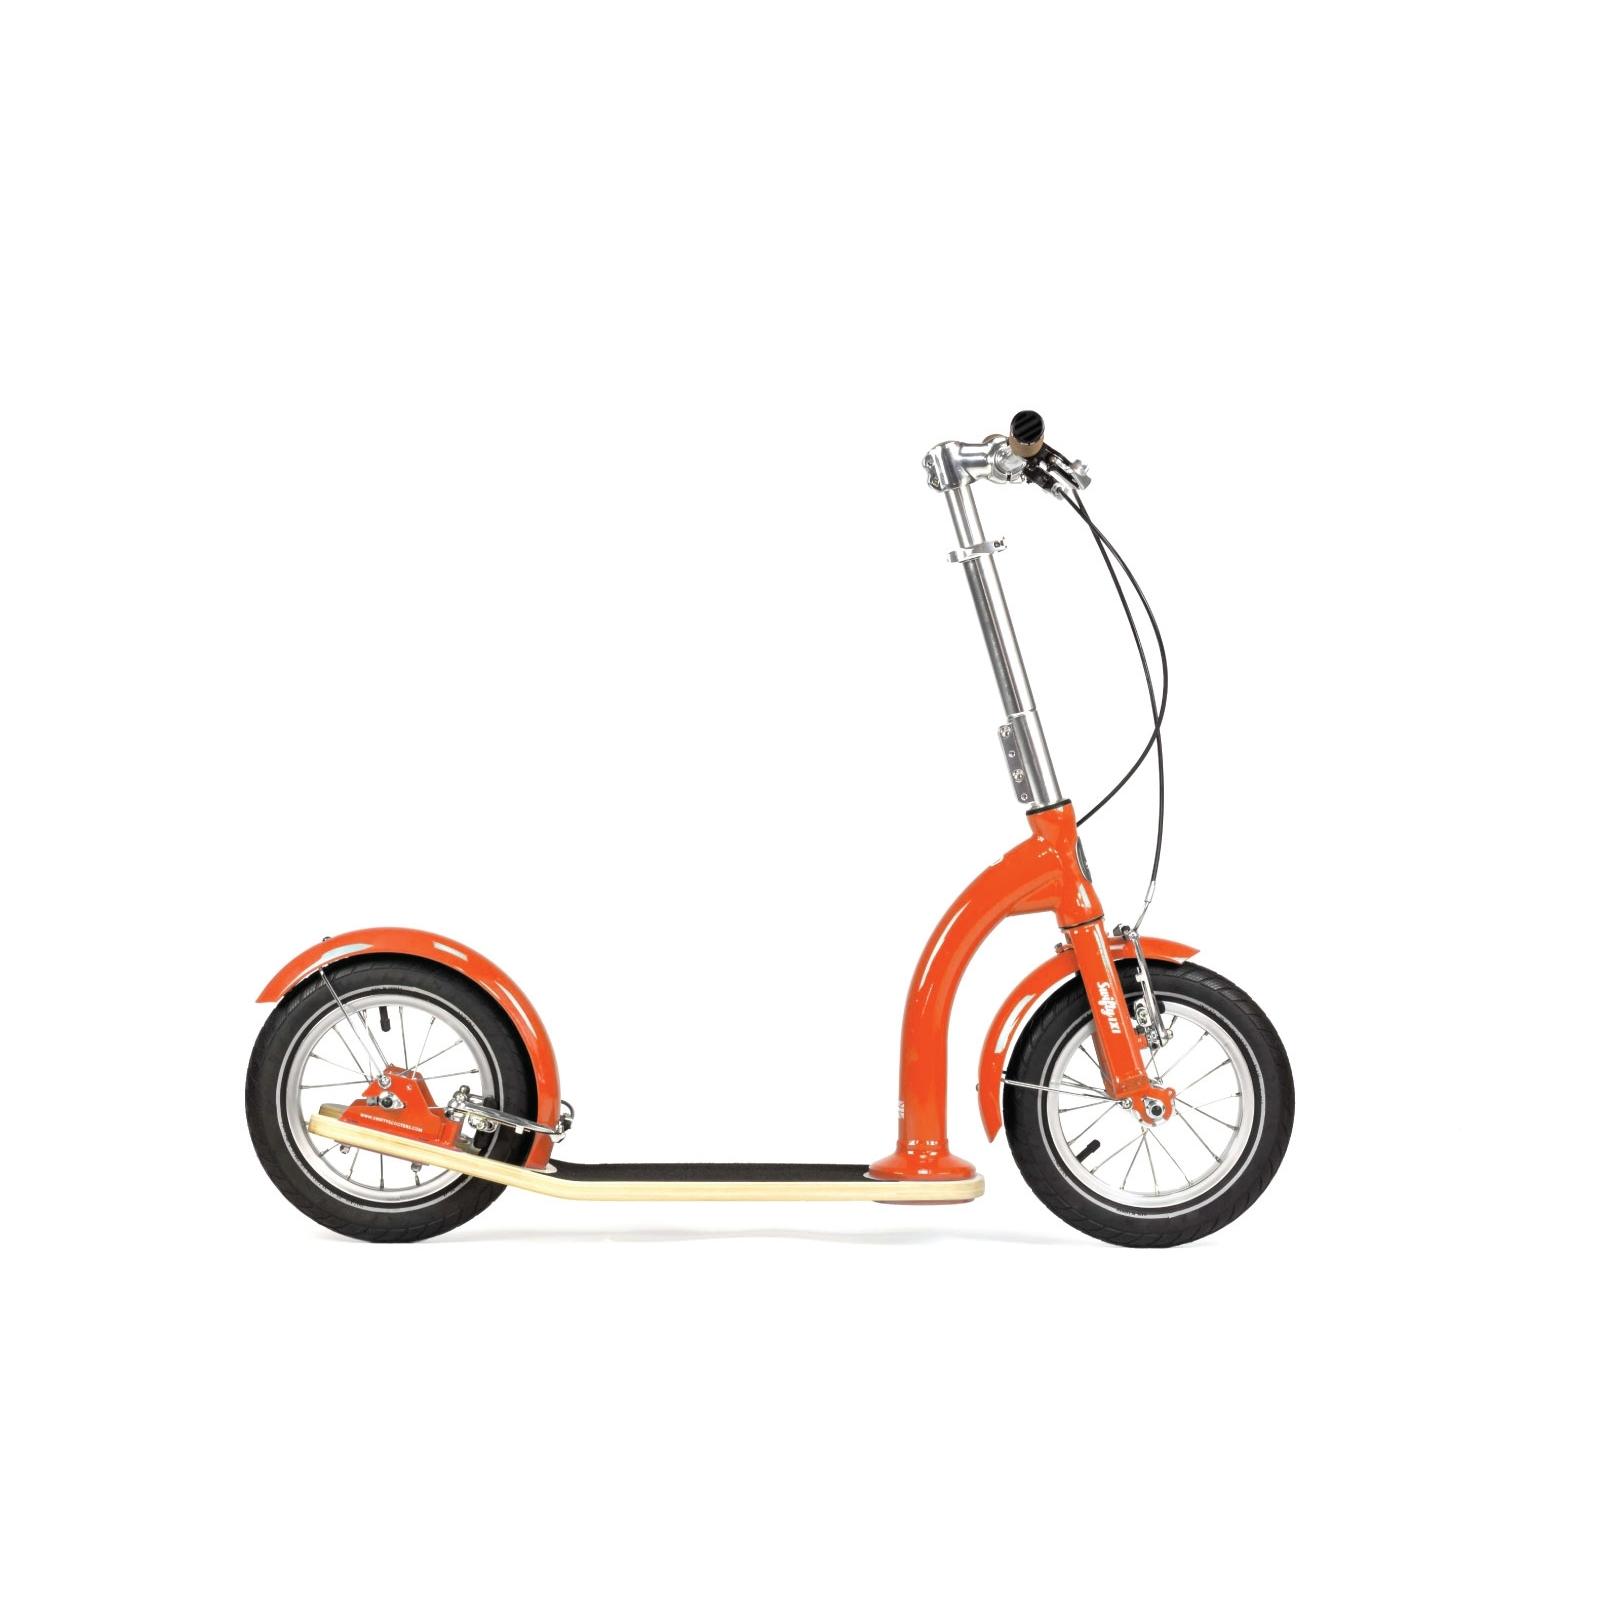 Footbikes